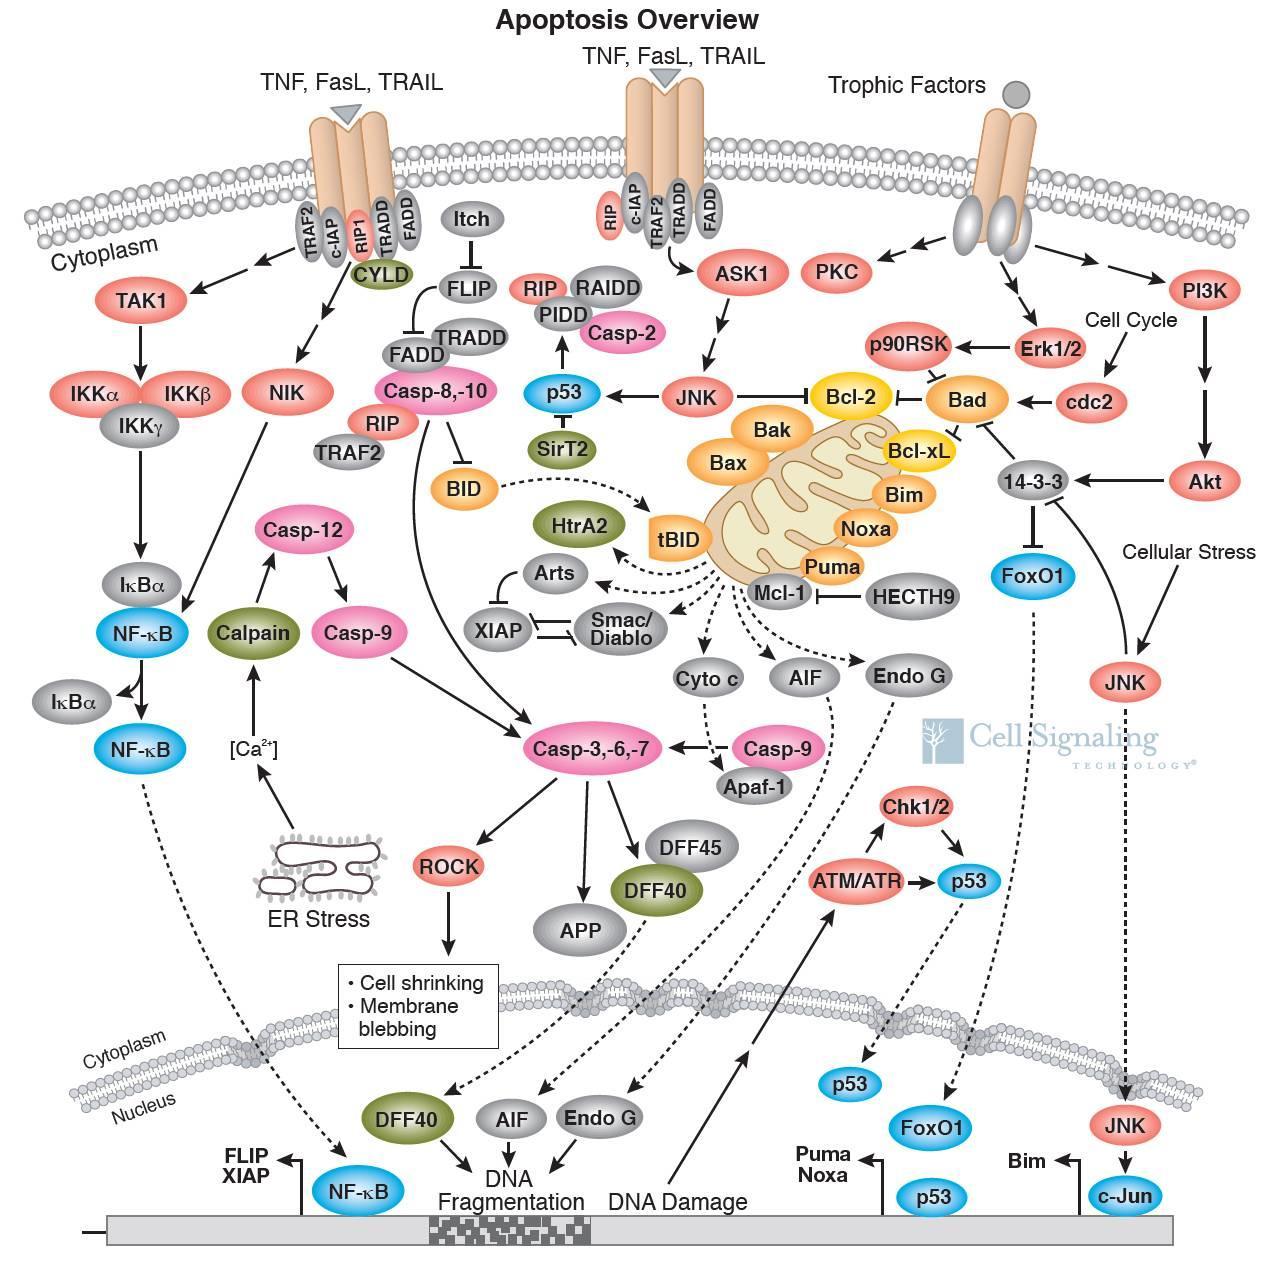 细胞信号通路图解介绍之细胞凋亡信号通路-sci666